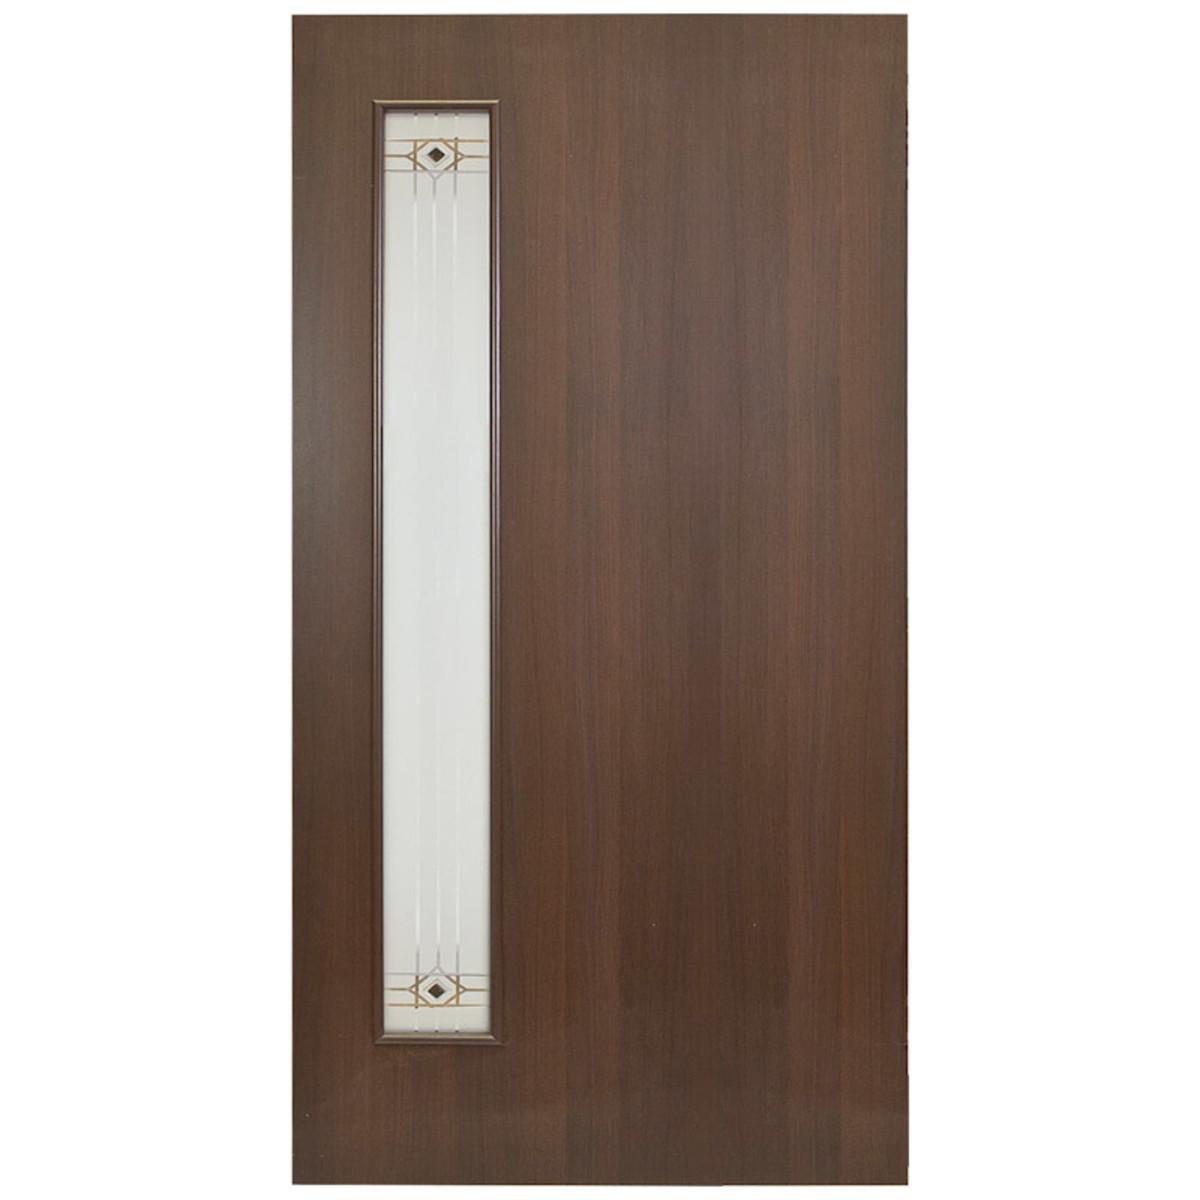 Дверь межкомнатная остеклённая Стандарт 90x200 см ламинация цвет венге